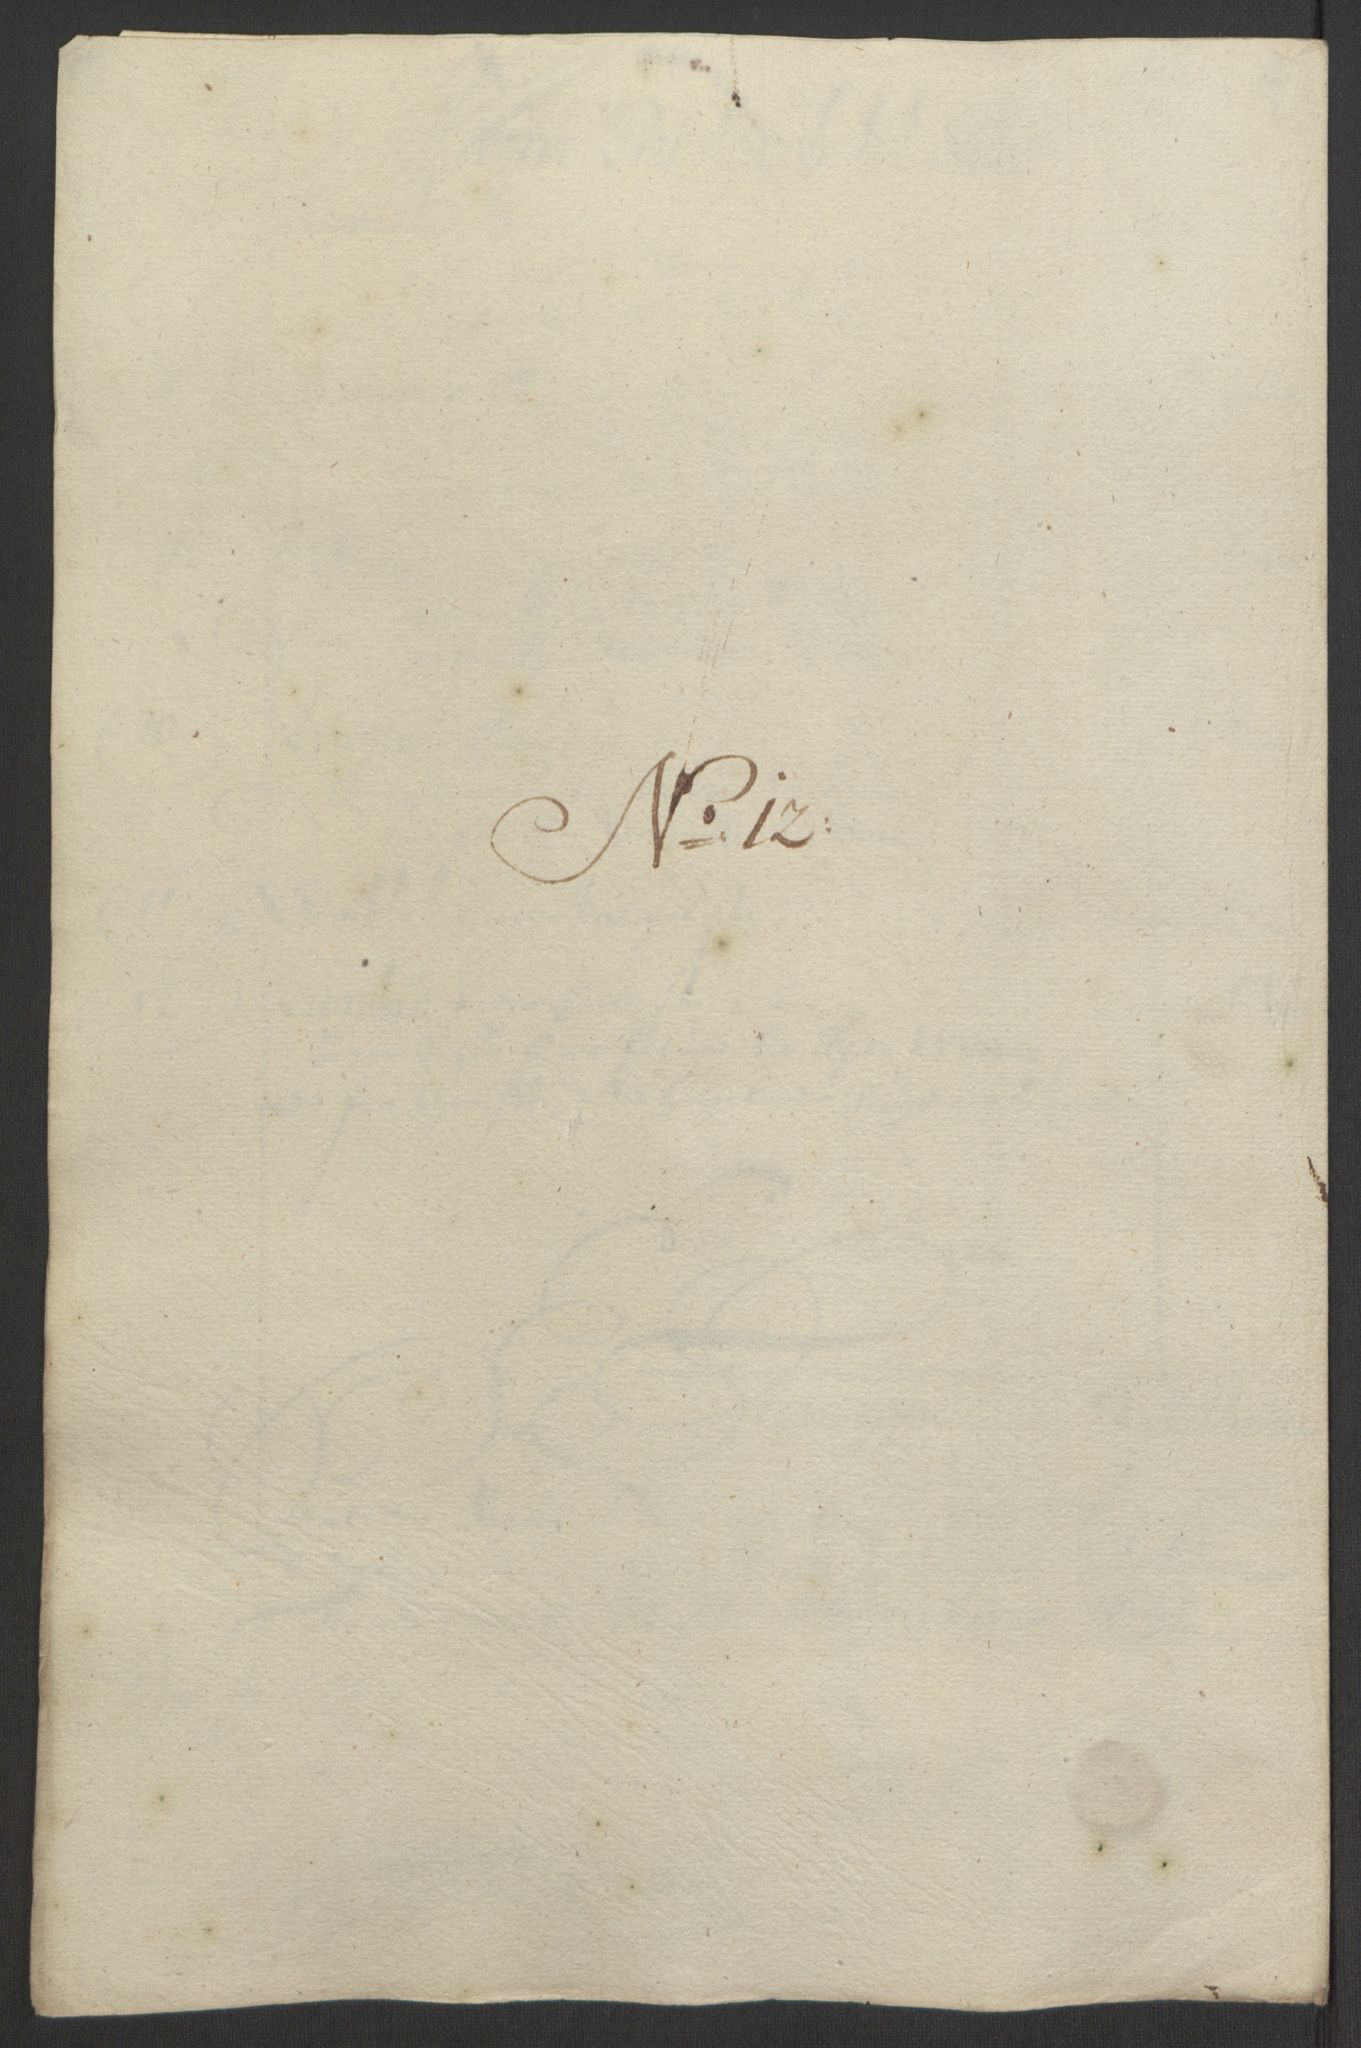 RA, Rentekammeret inntil 1814, Reviderte regnskaper, Fogderegnskap, R64/L4424: Fogderegnskap Namdal, 1692-1695, s. 421